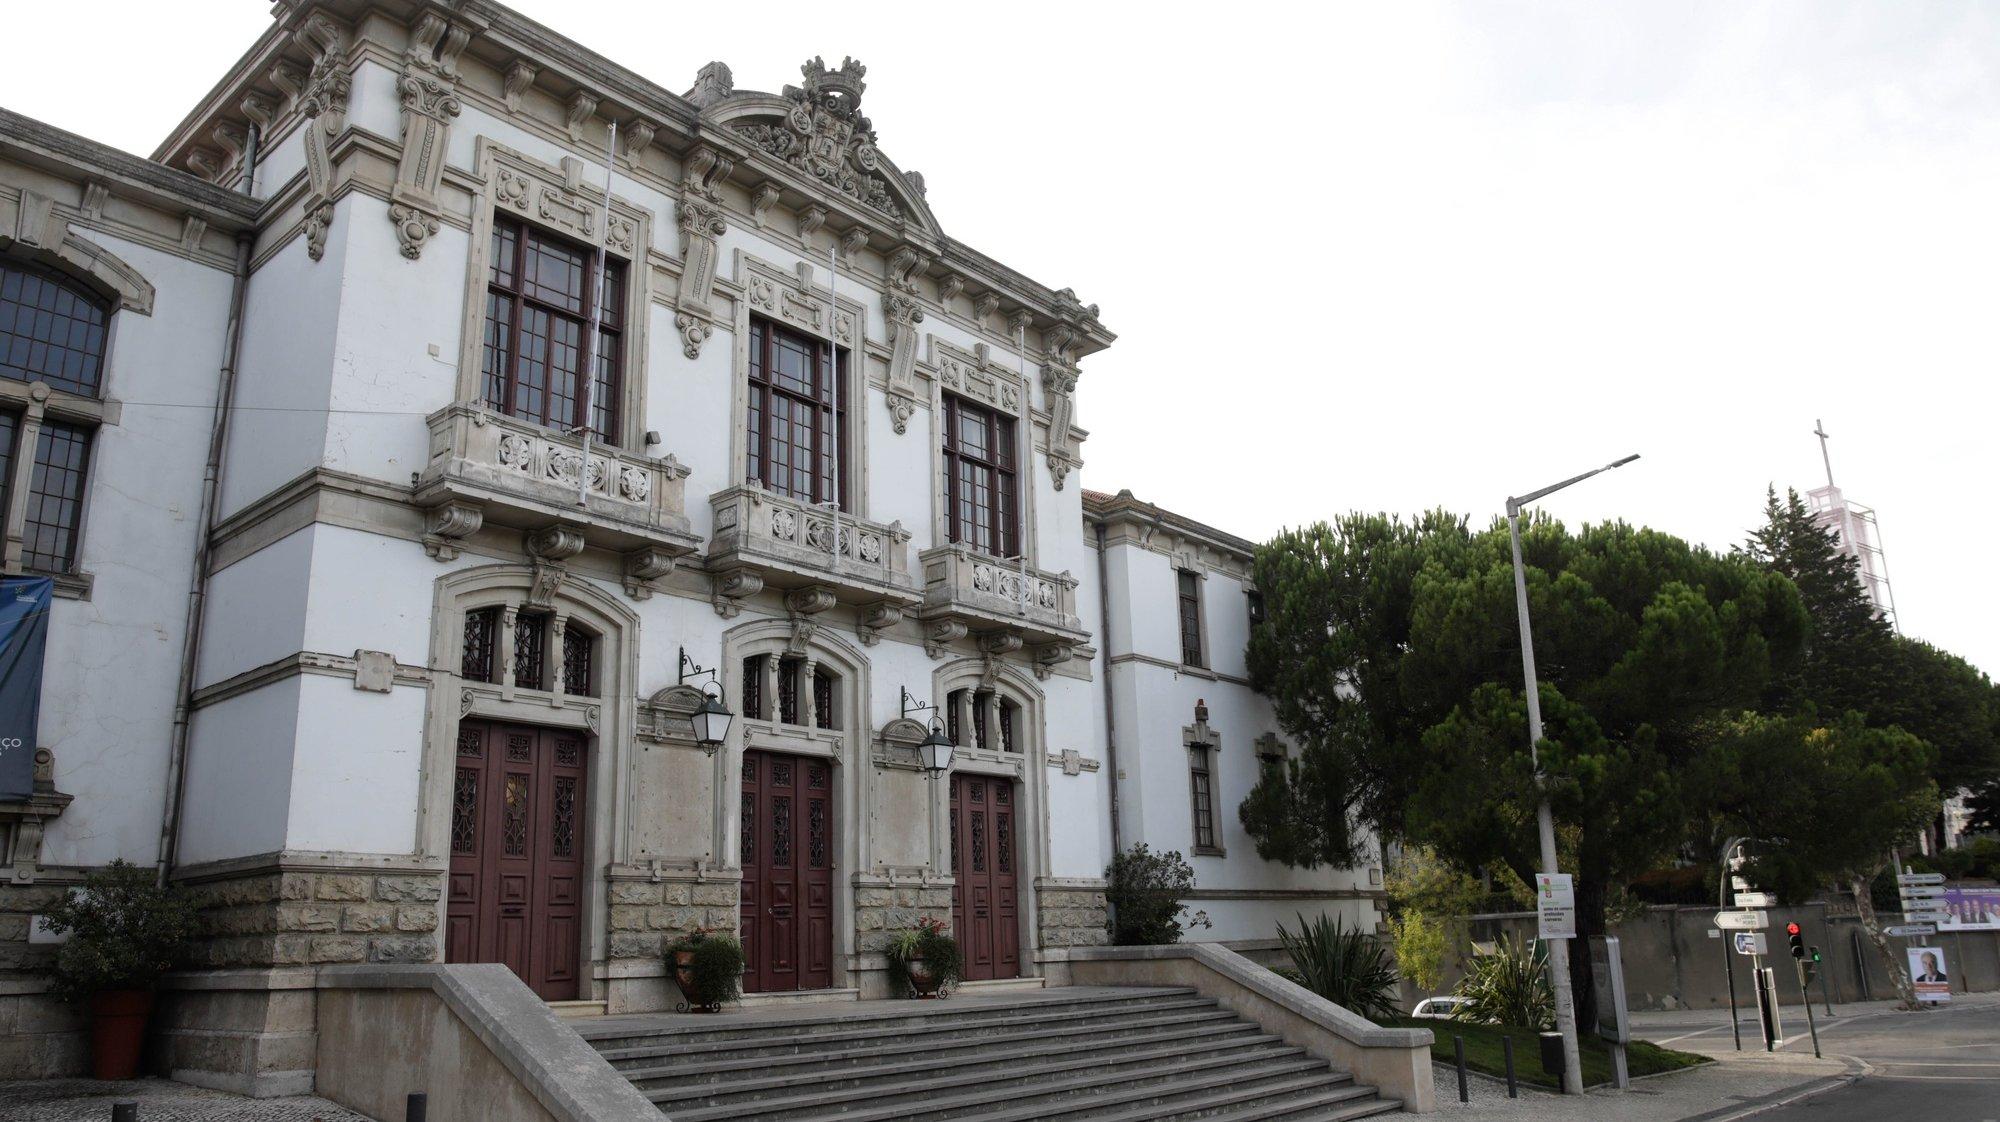 Edifício da Câmara Municipal de Leiria, 23 de setembro de 2017. PAULO CUNHA/LUSA